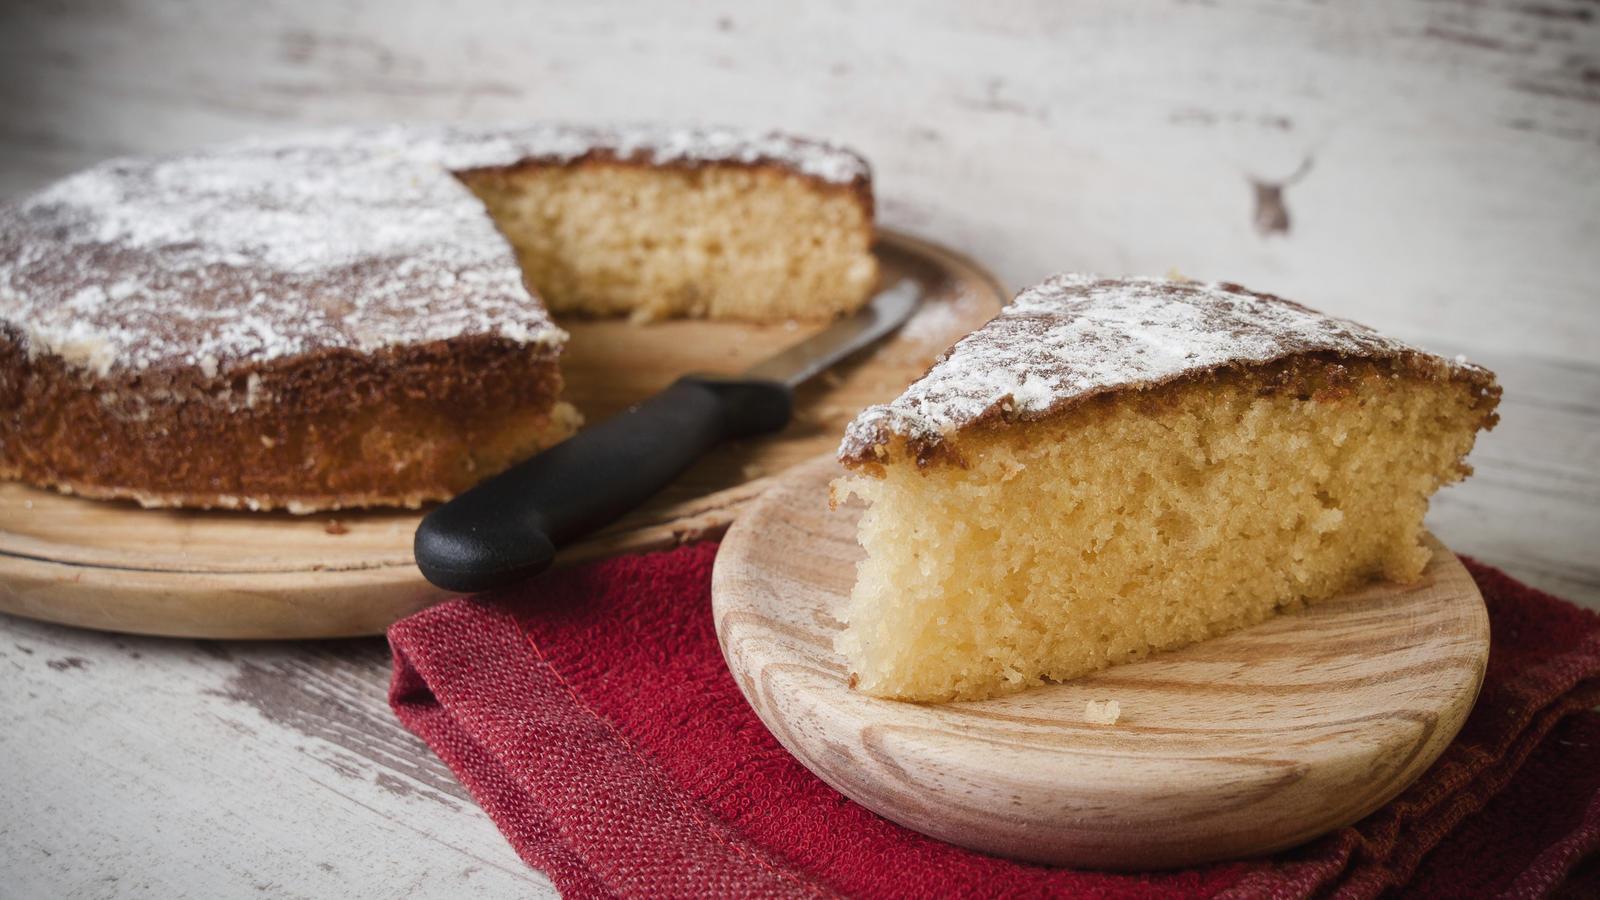 zwei zutaten rezepte f r kuchen kekse eis und pfannkuchen. Black Bedroom Furniture Sets. Home Design Ideas